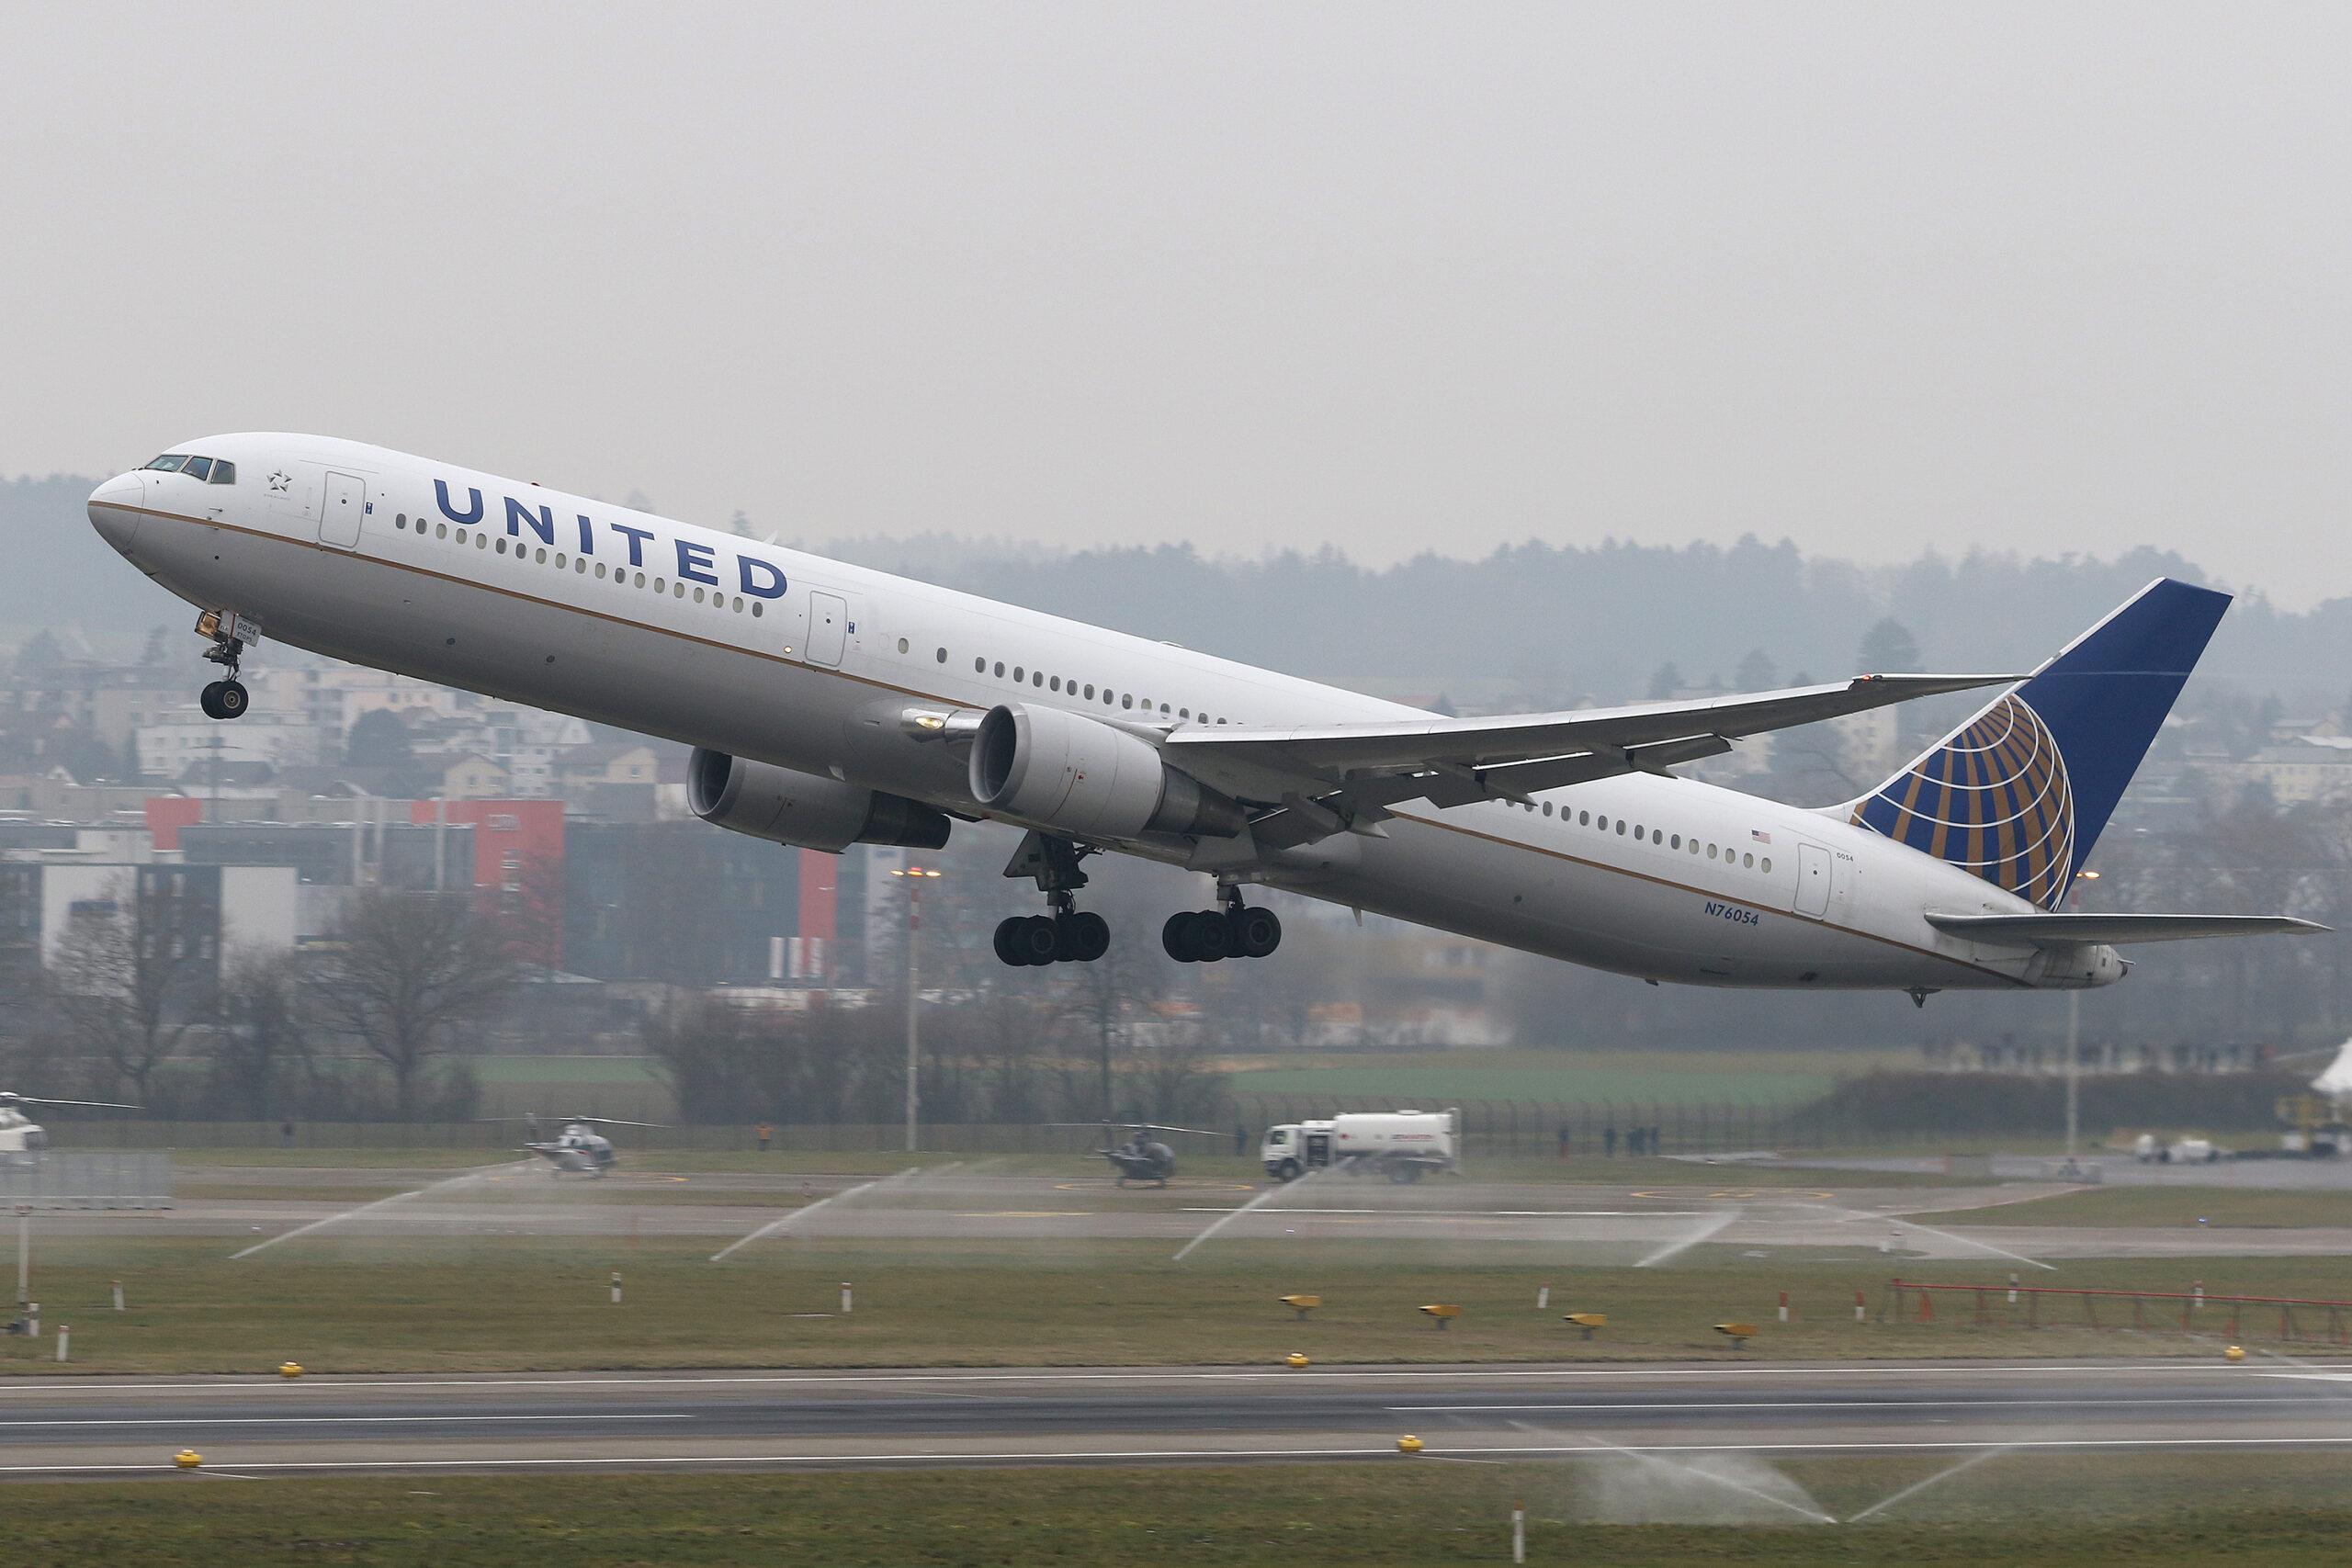 United Boeing 767-400ER